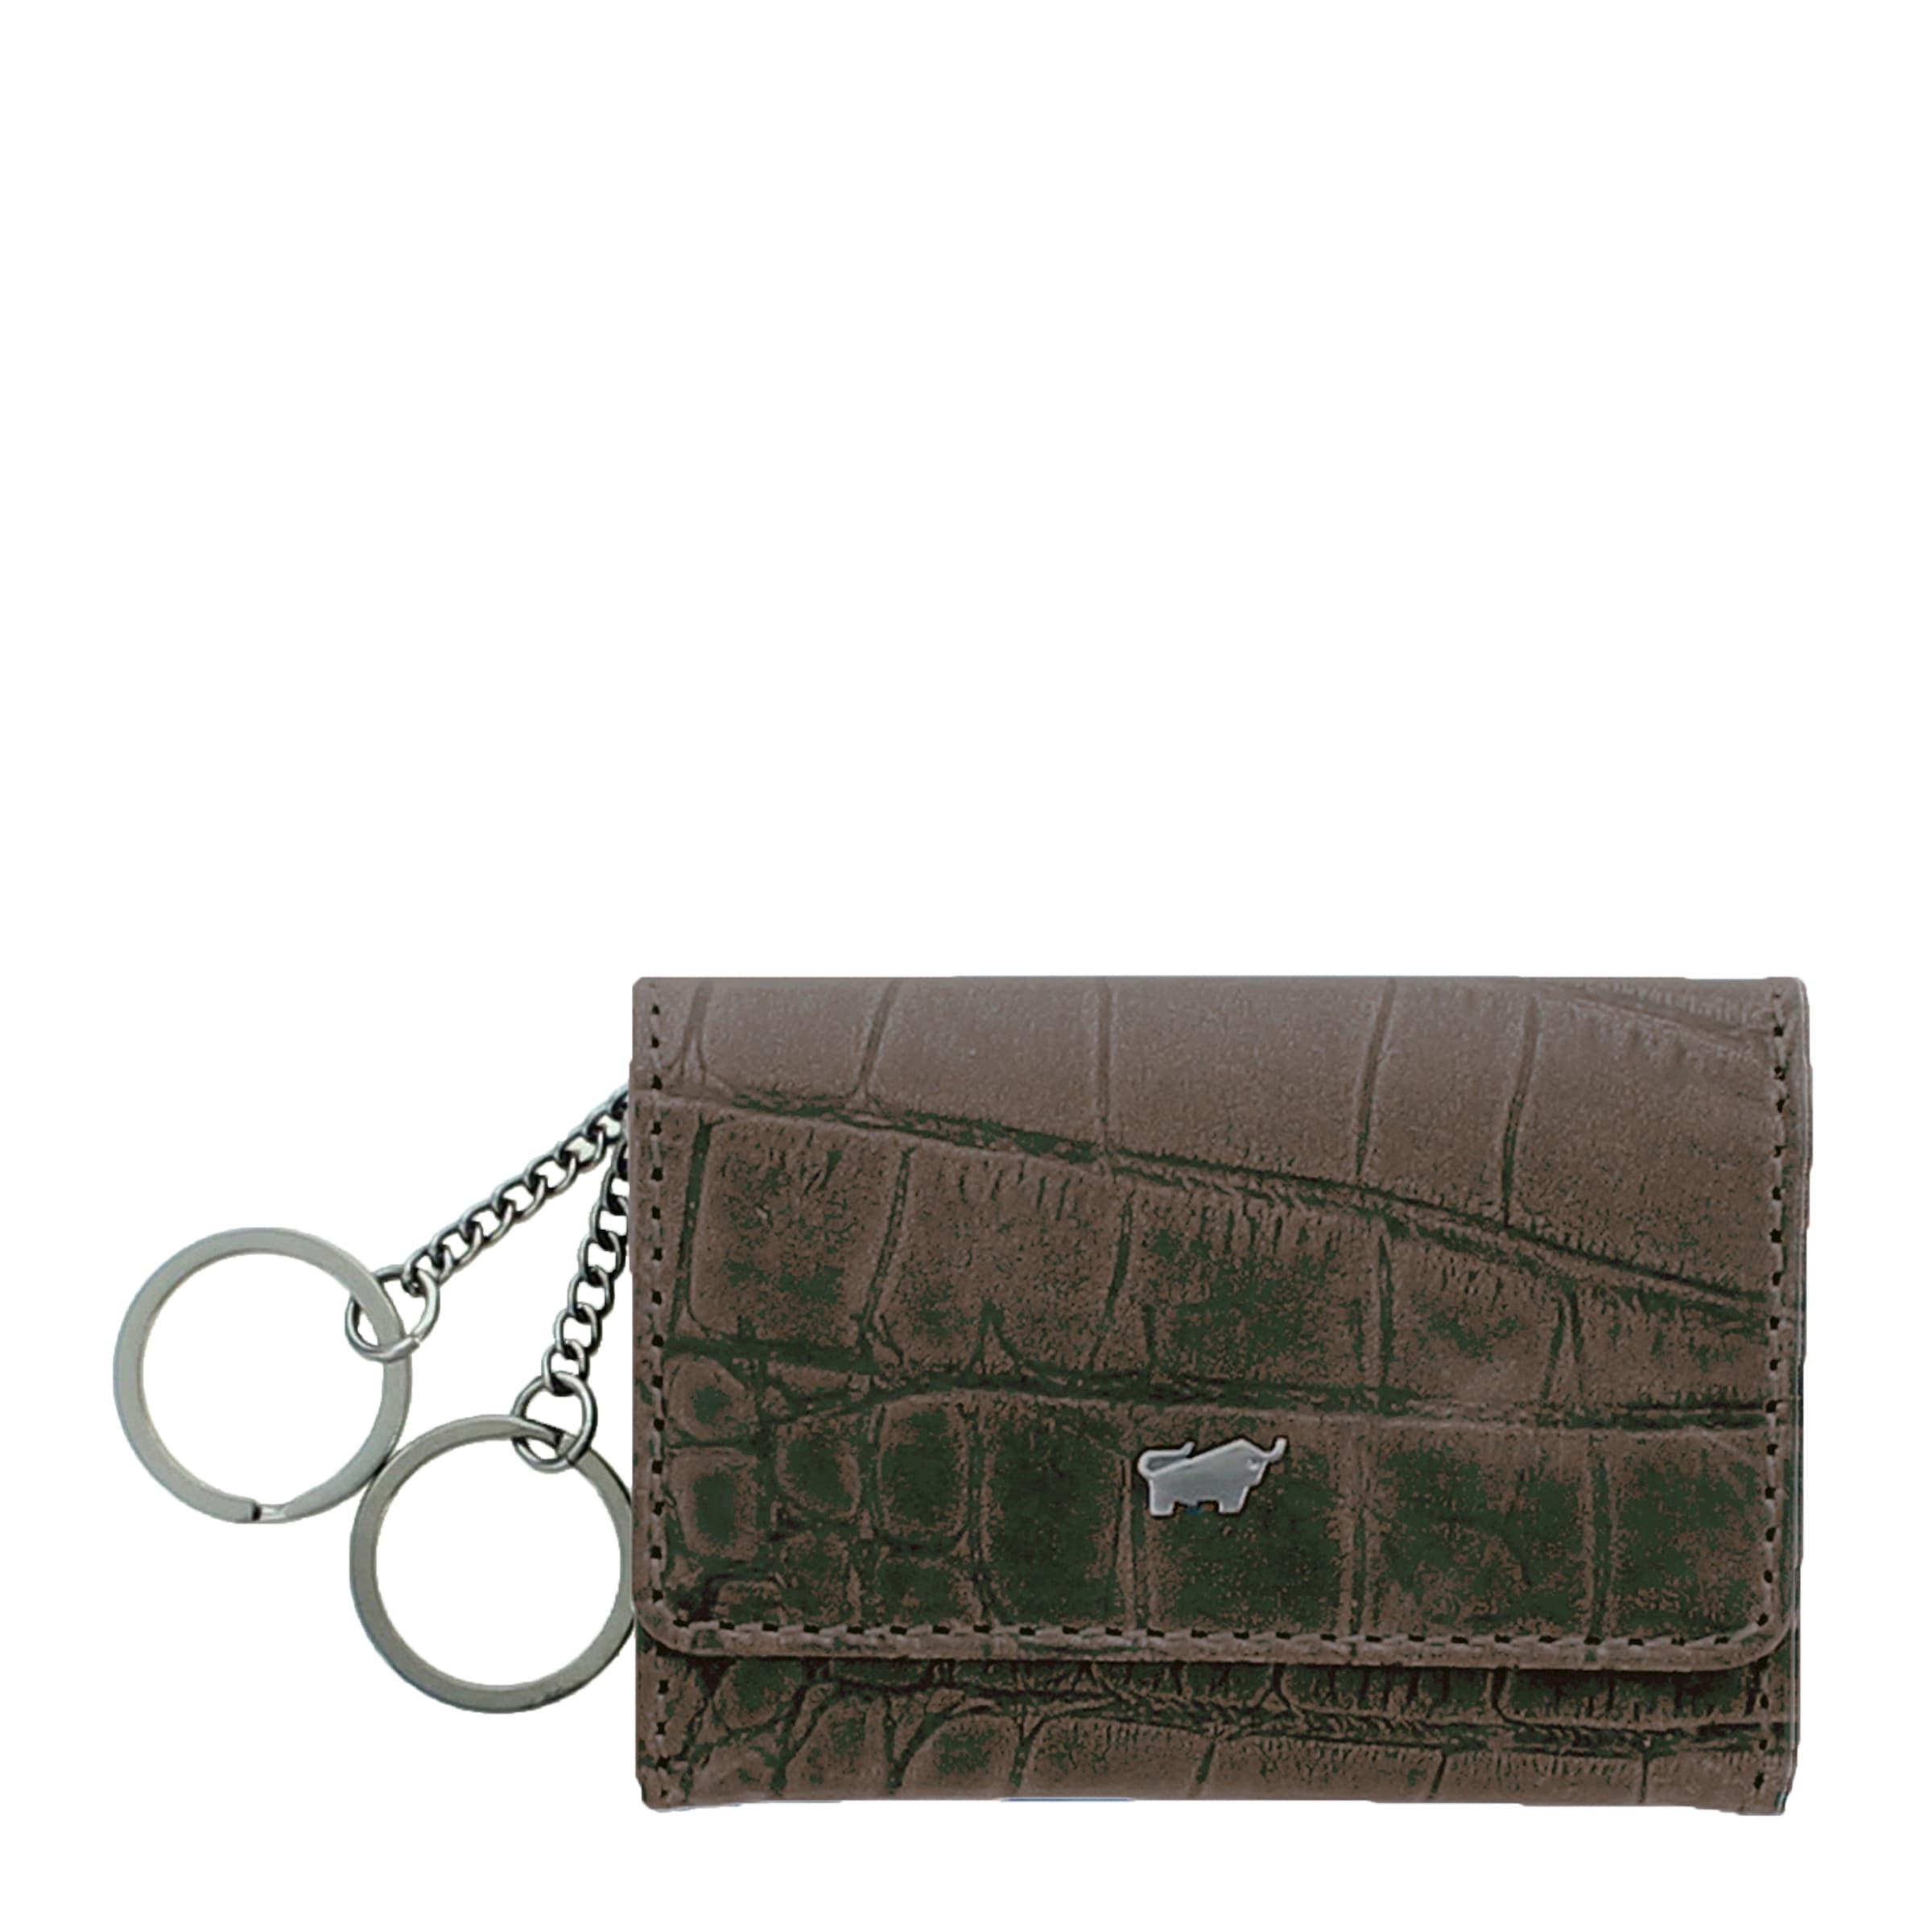 'lisboa' Büffel Büffel Braun Braun Braun 'lisboa' In Schlüsseletui Büffel Schlüsseletui In Schlüsseletui 'lisboa' srdhQCt